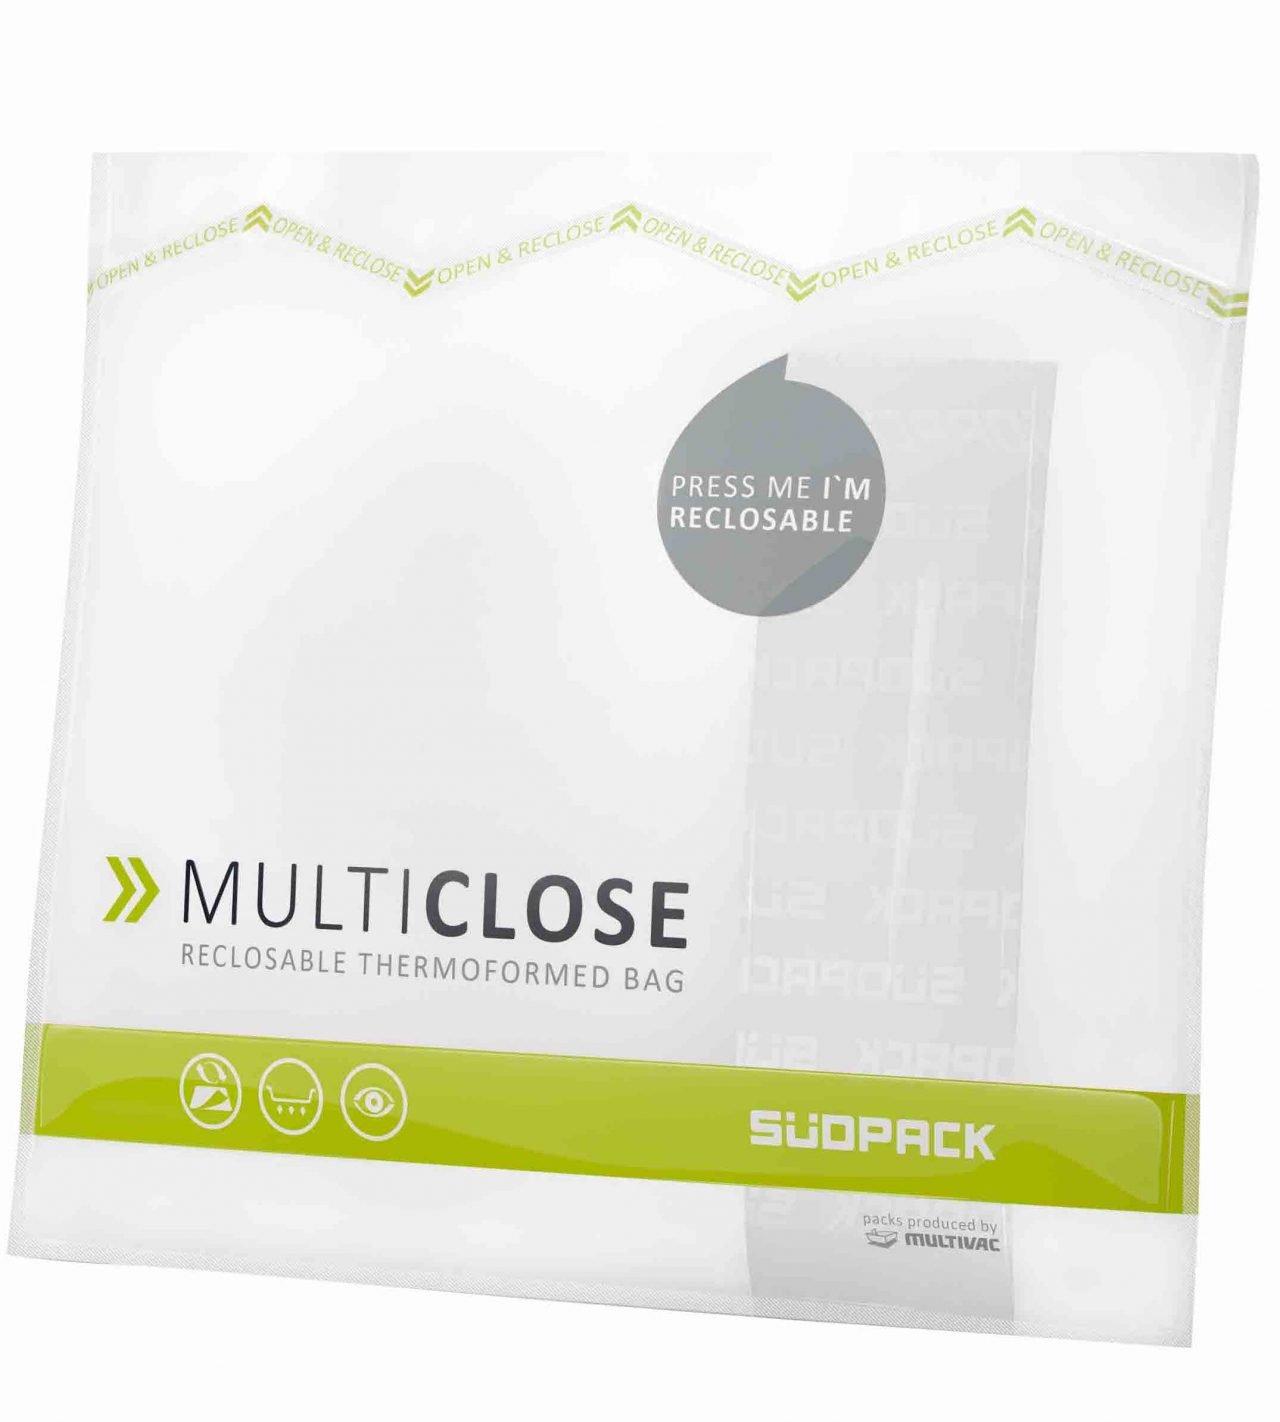 Südpack_Multiclose-1-1280x1422.jpg